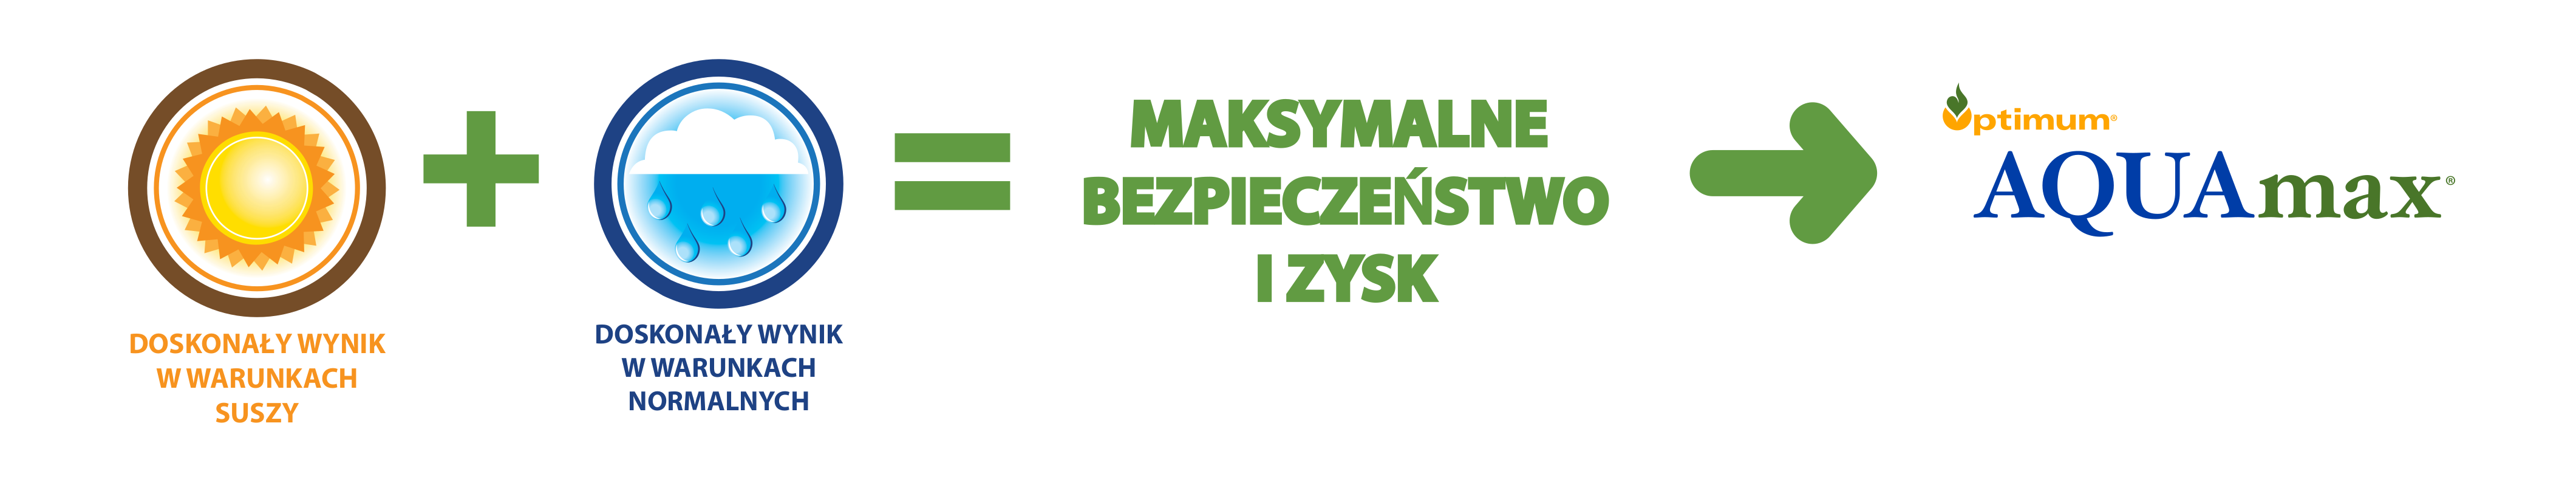 MAKSYMALNE BEZPIECZEŃSTWO I ZYSK